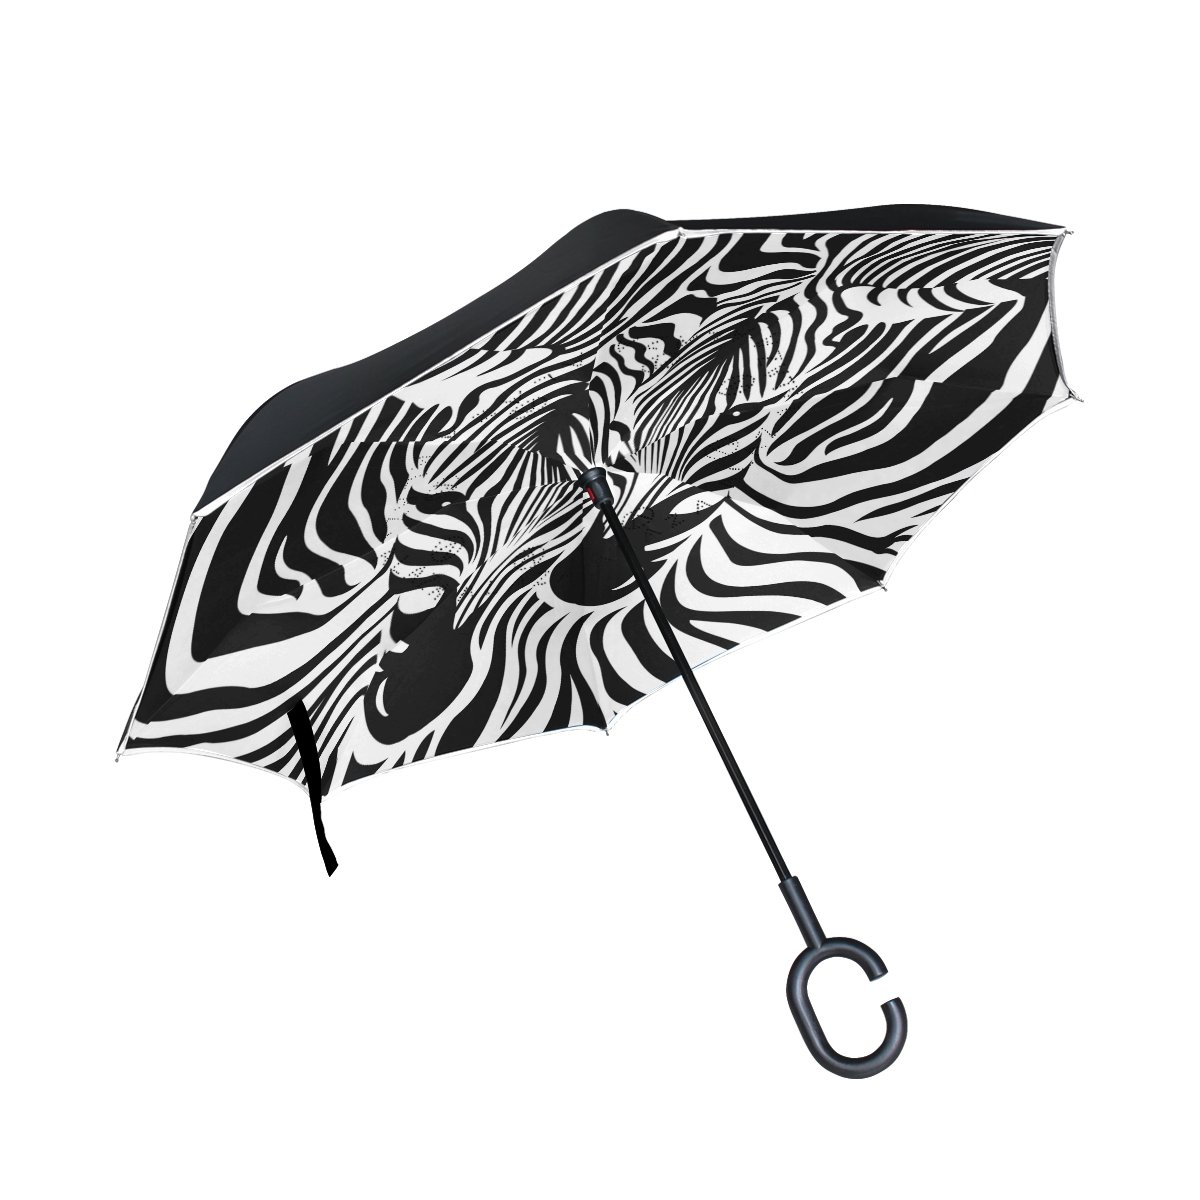 Use7 Parapluie Cannes, Multicolore (Multicolore) - D4842769p183c217s313